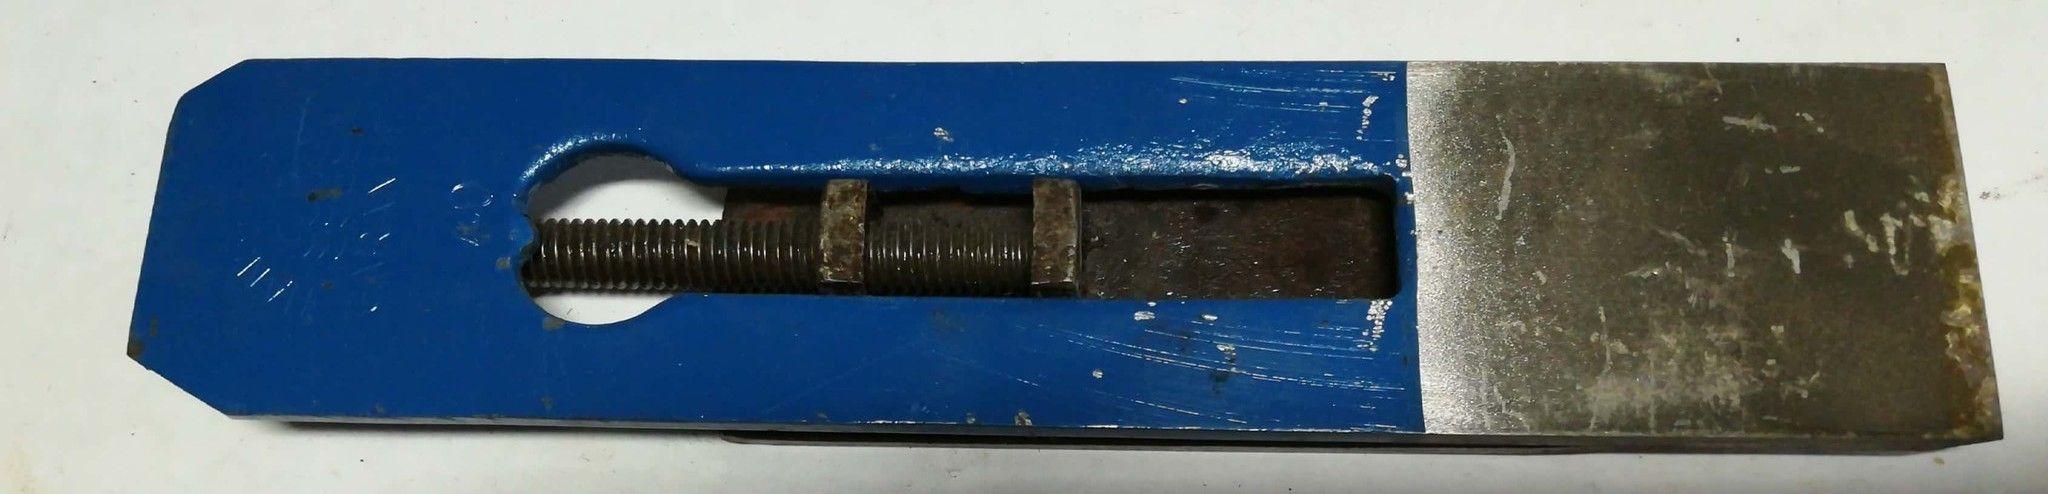 Ferro doppio per pialla a vite lunga mm 40